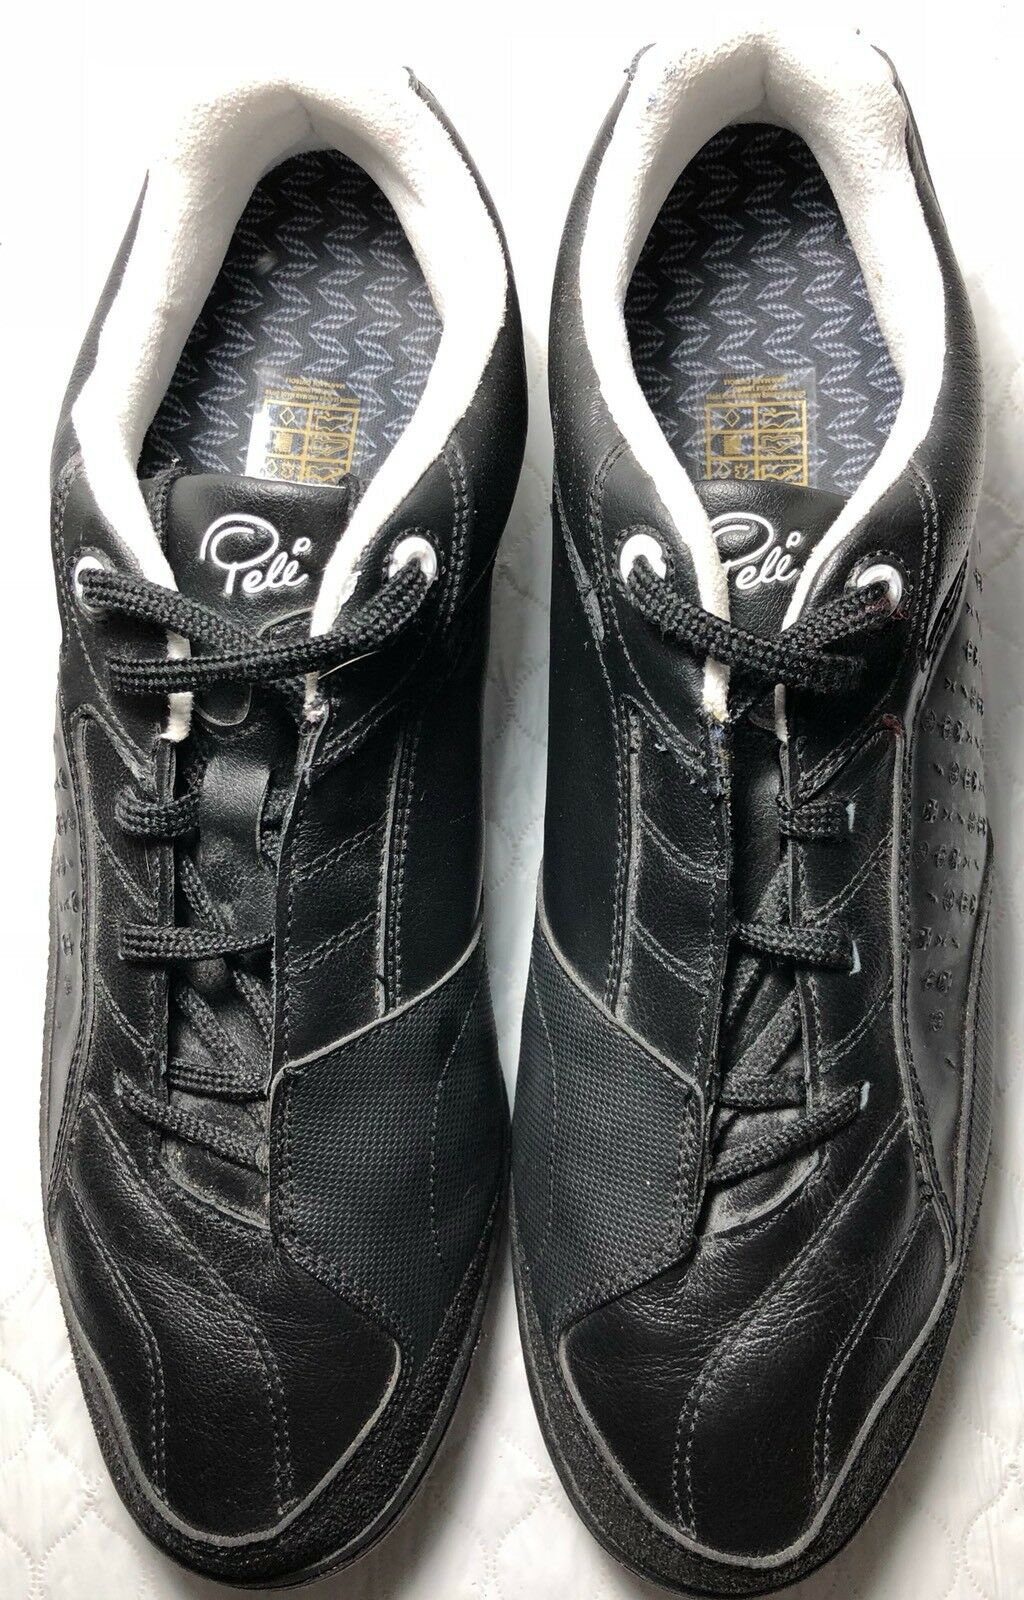 online retailer c9acb ef136 Pele Men s Men s Men s Sports Leather Canvas Athletic Shoes Black Size 11.5  c2ac9f